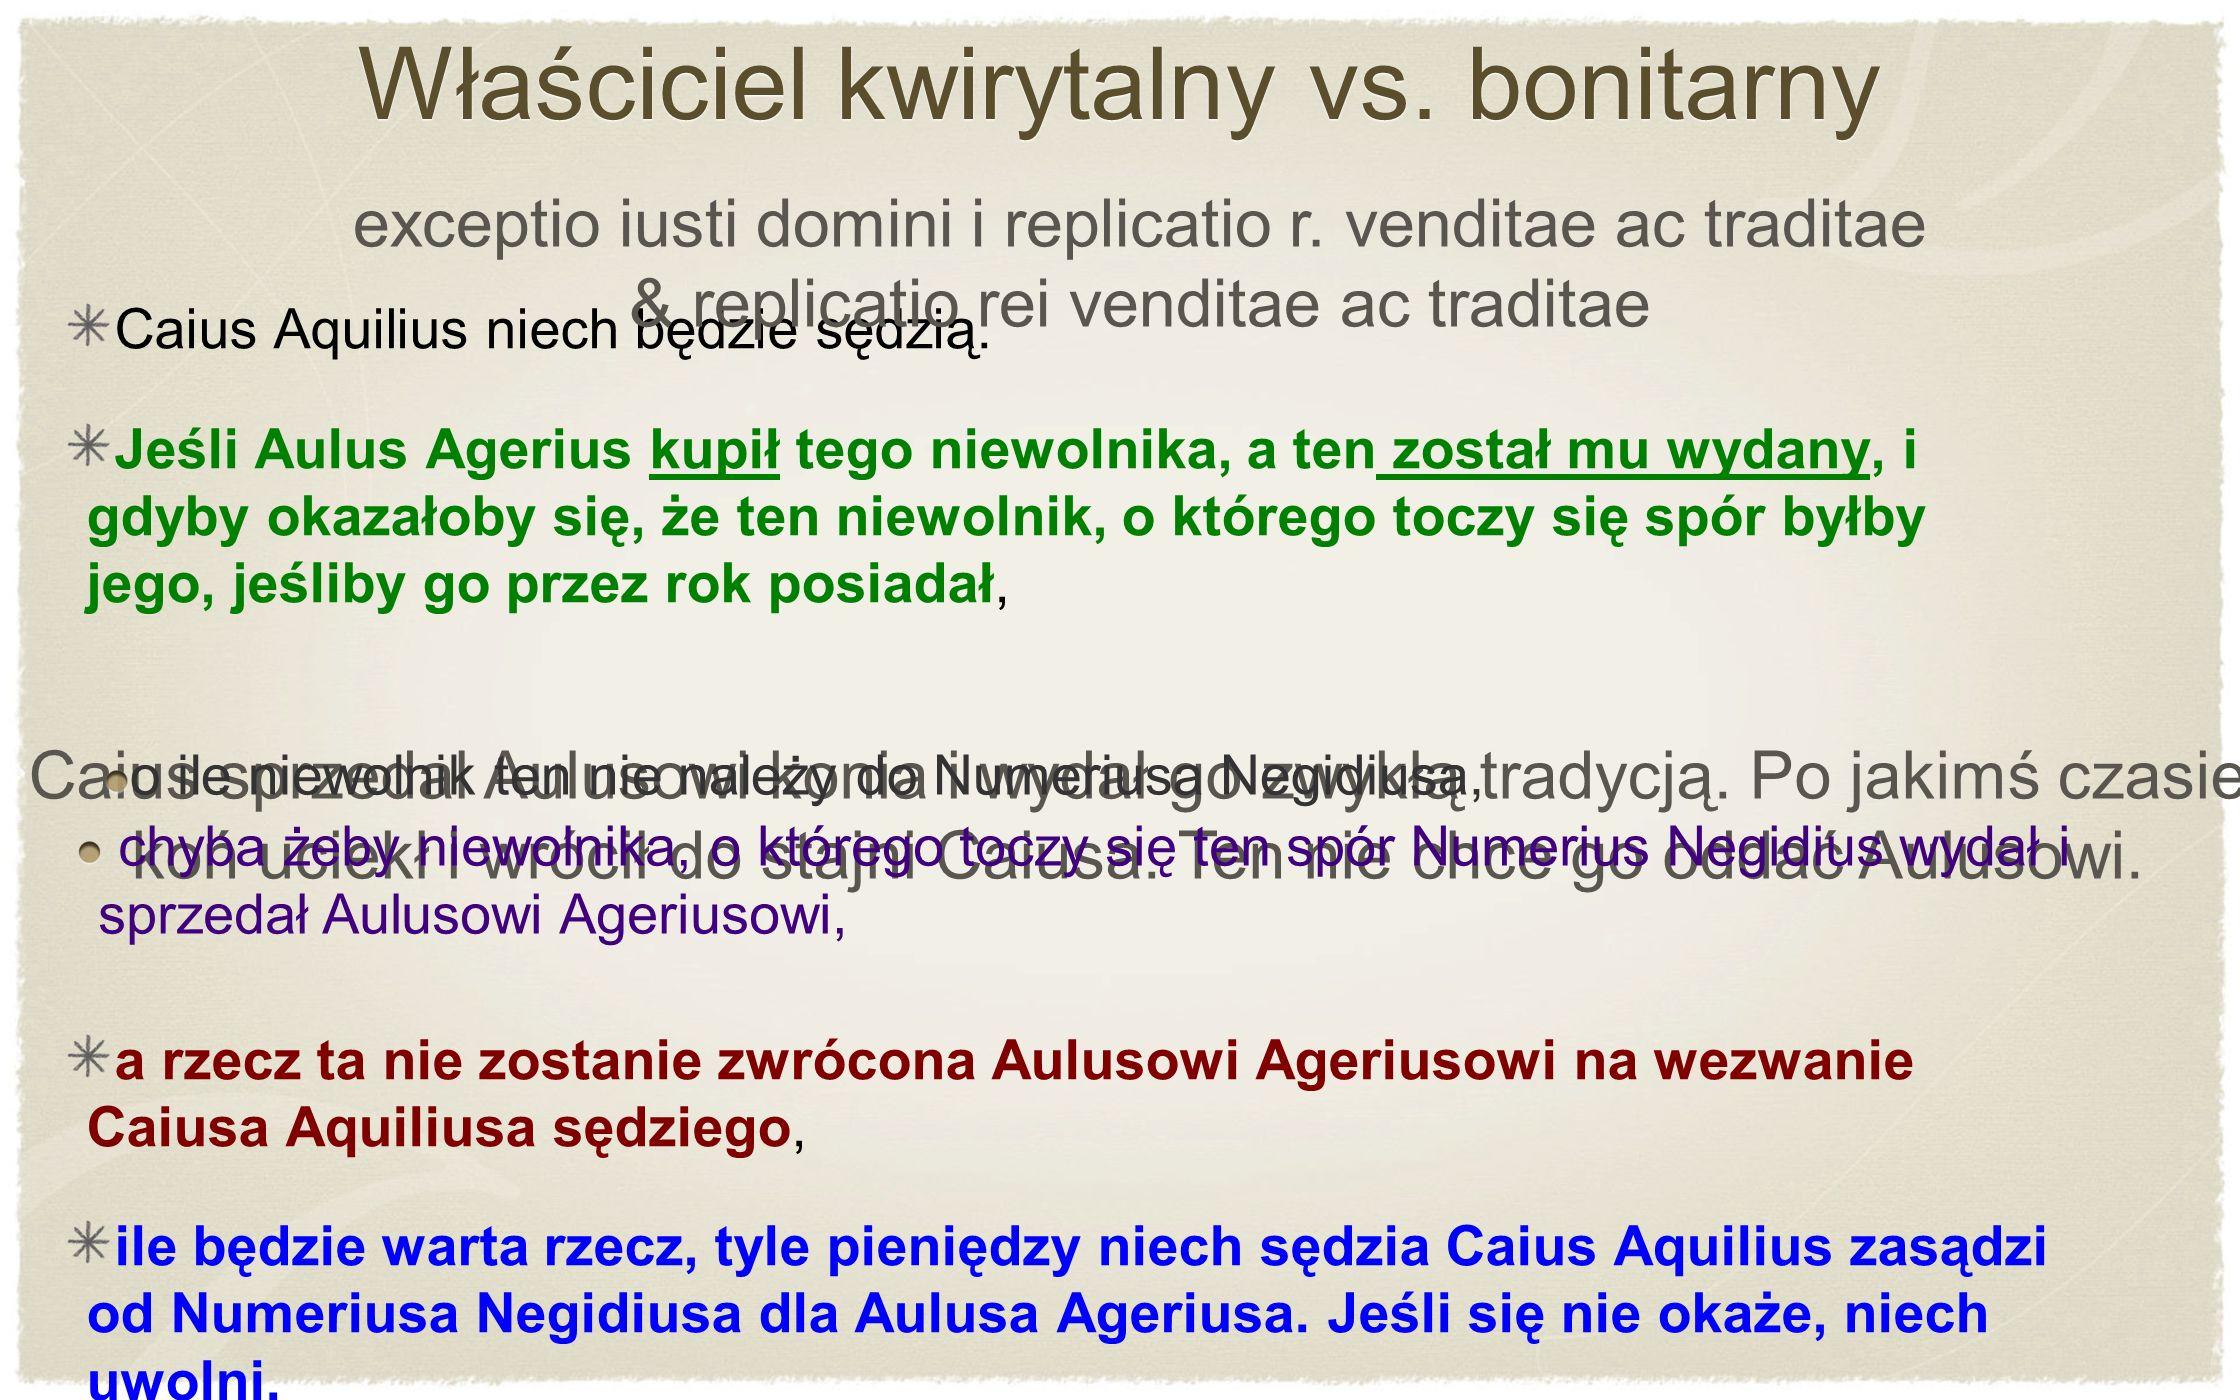 Właściciel kwirytalny vs. bonitarny